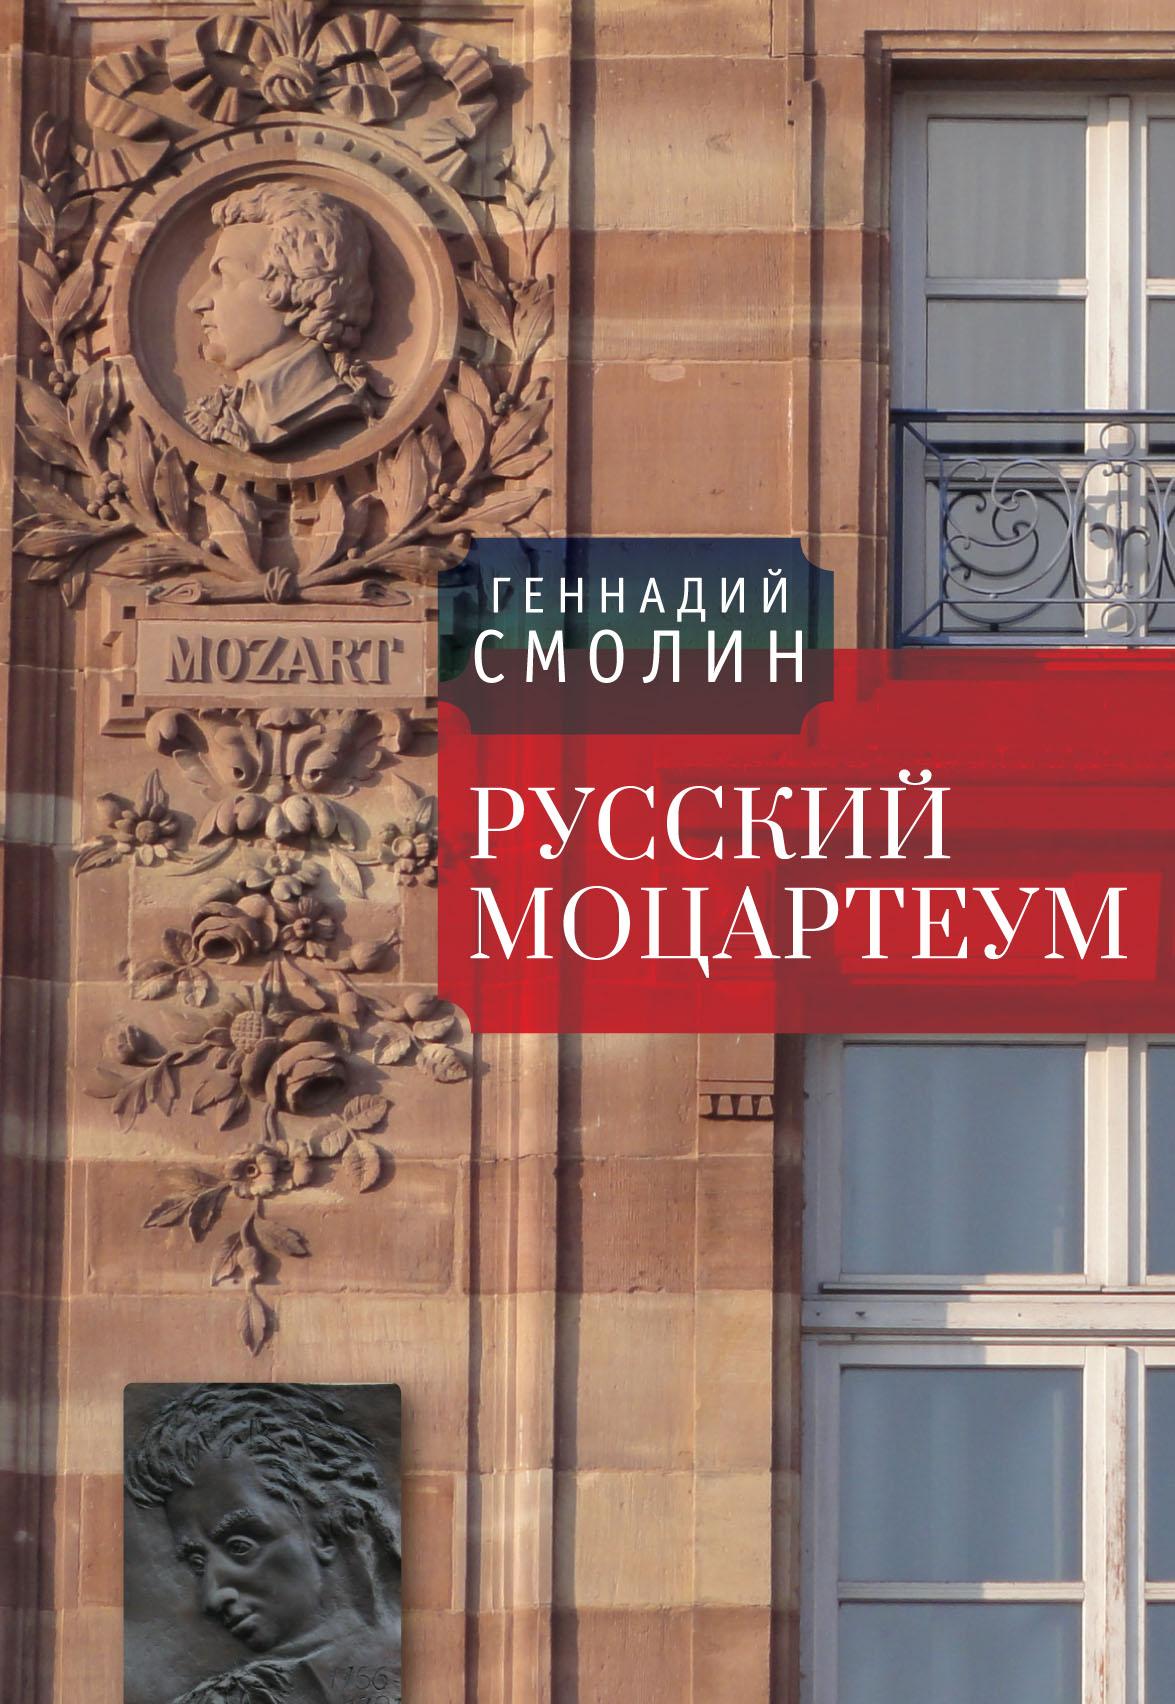 Геннадий Смолин «Русский Моцартеум»